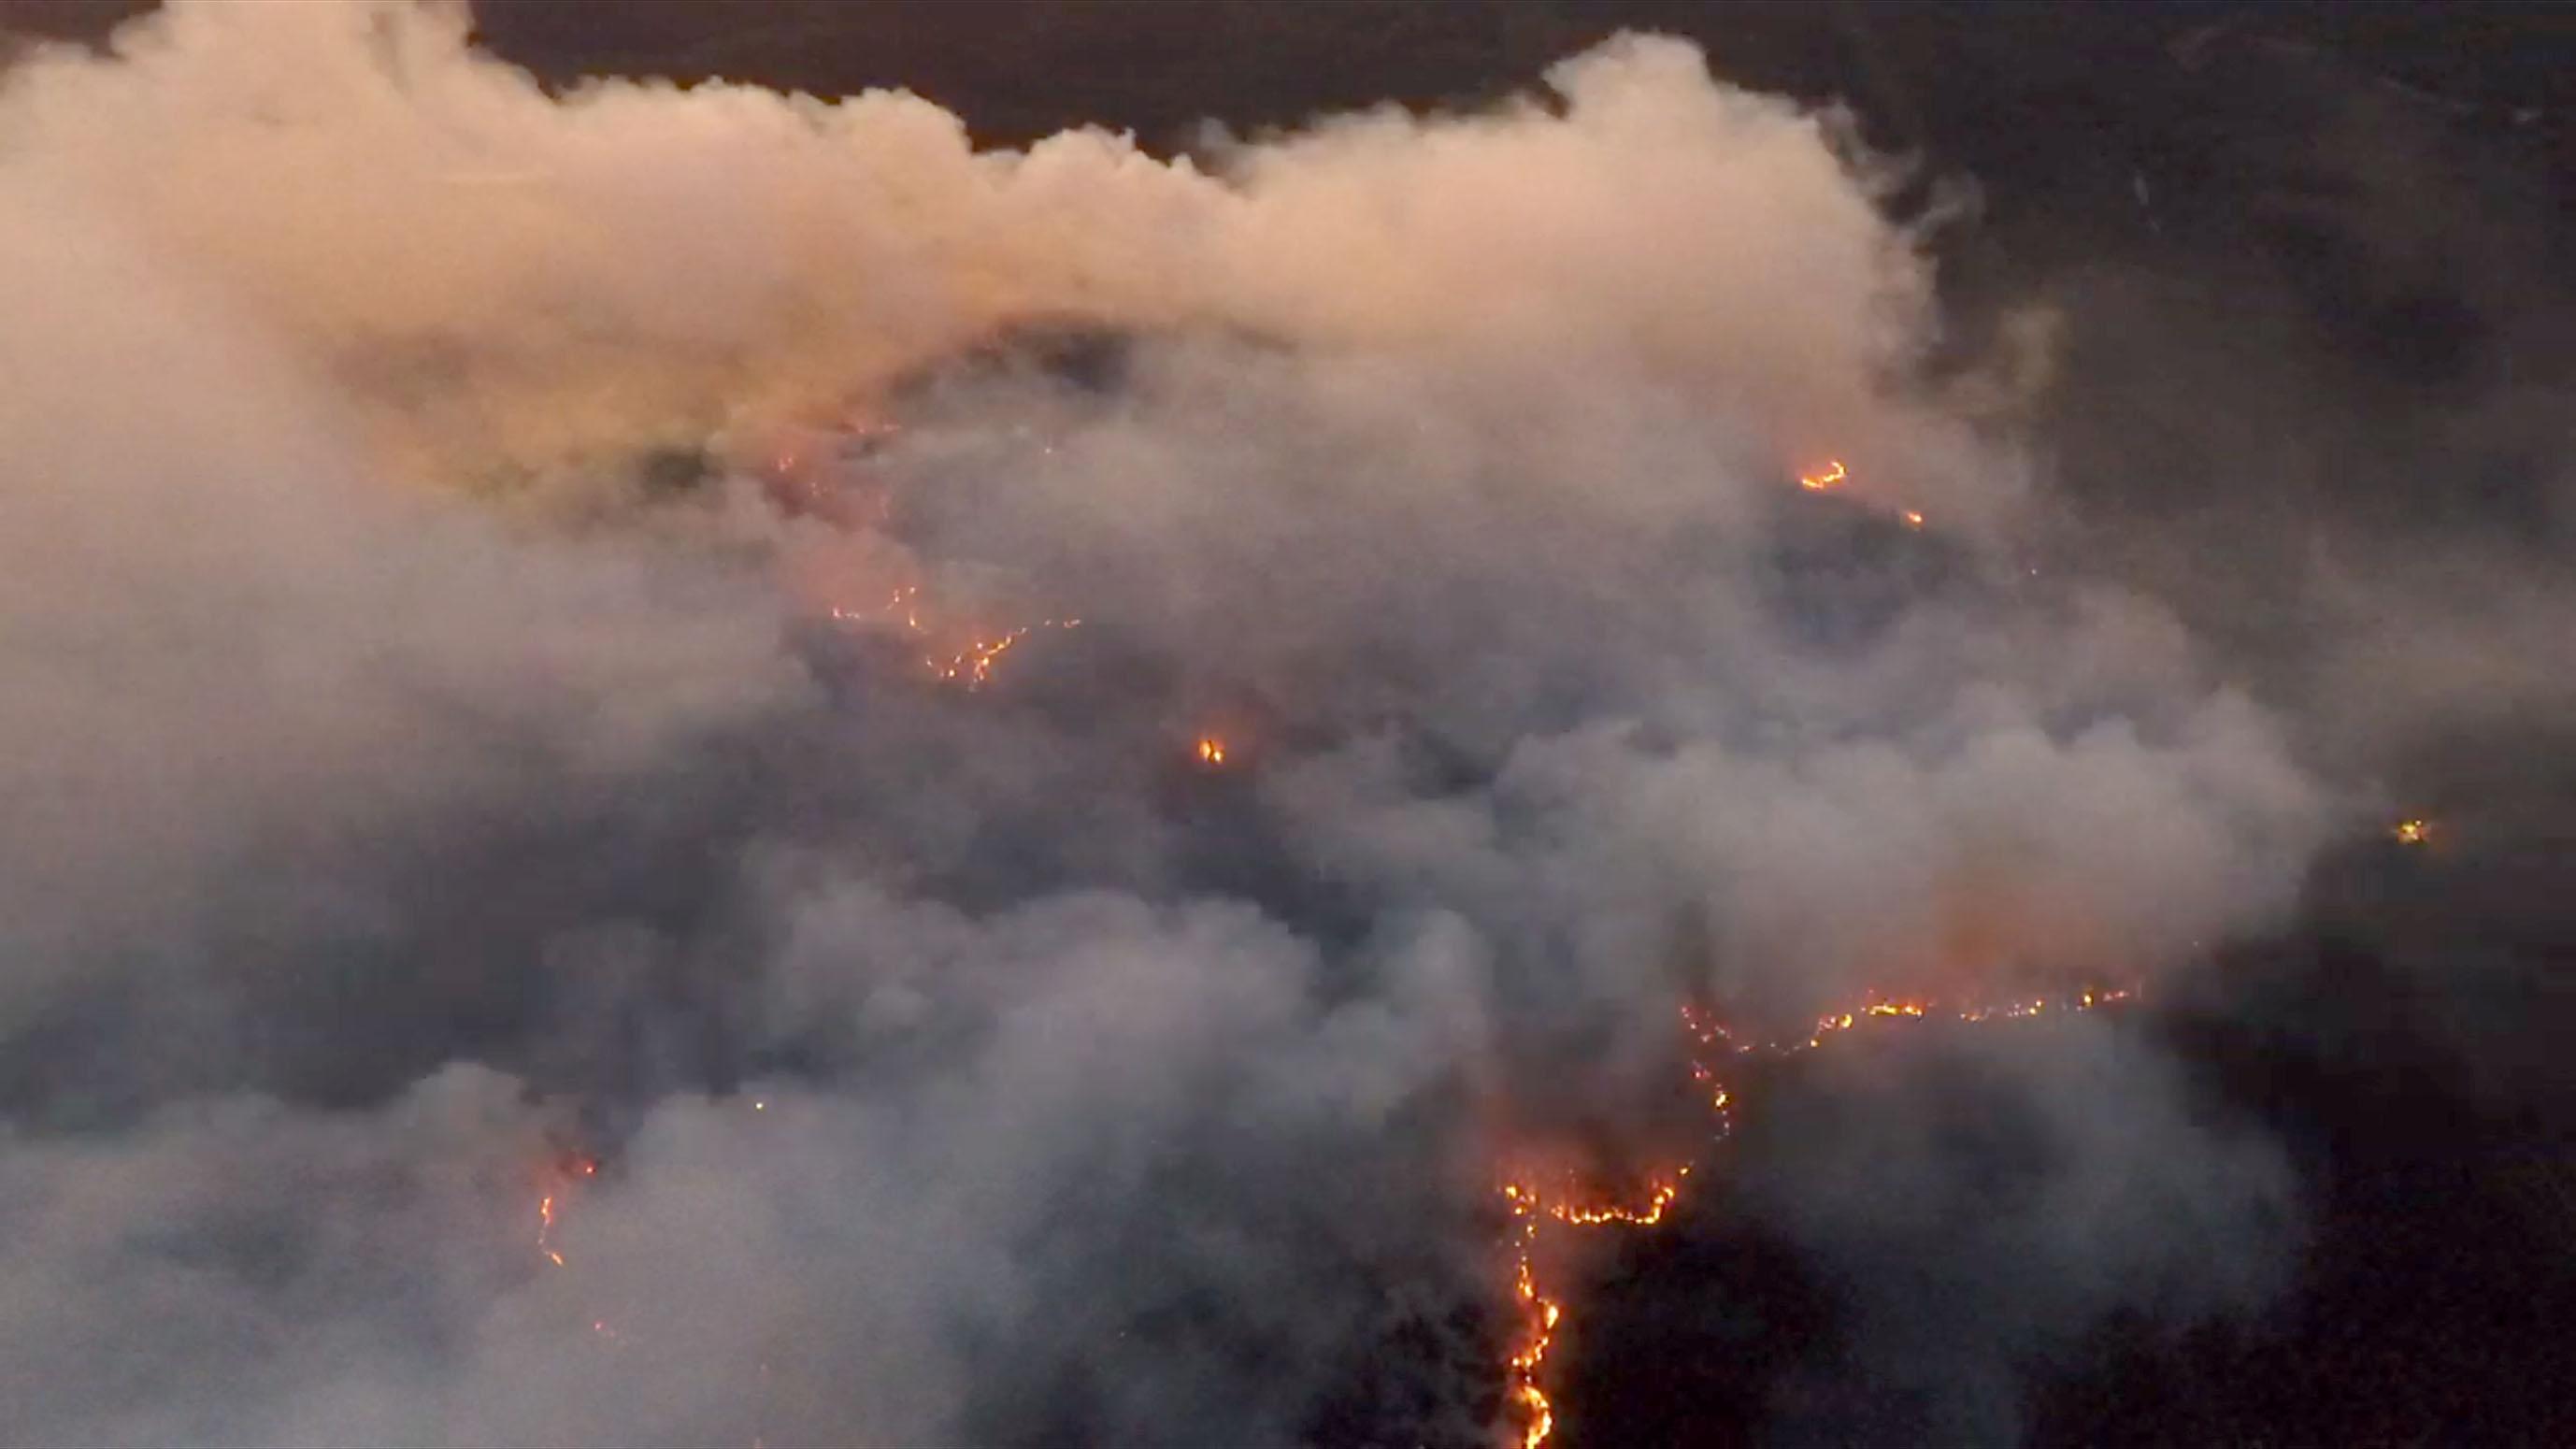 Valdsam villabrand stor raddningsinsats pa plats